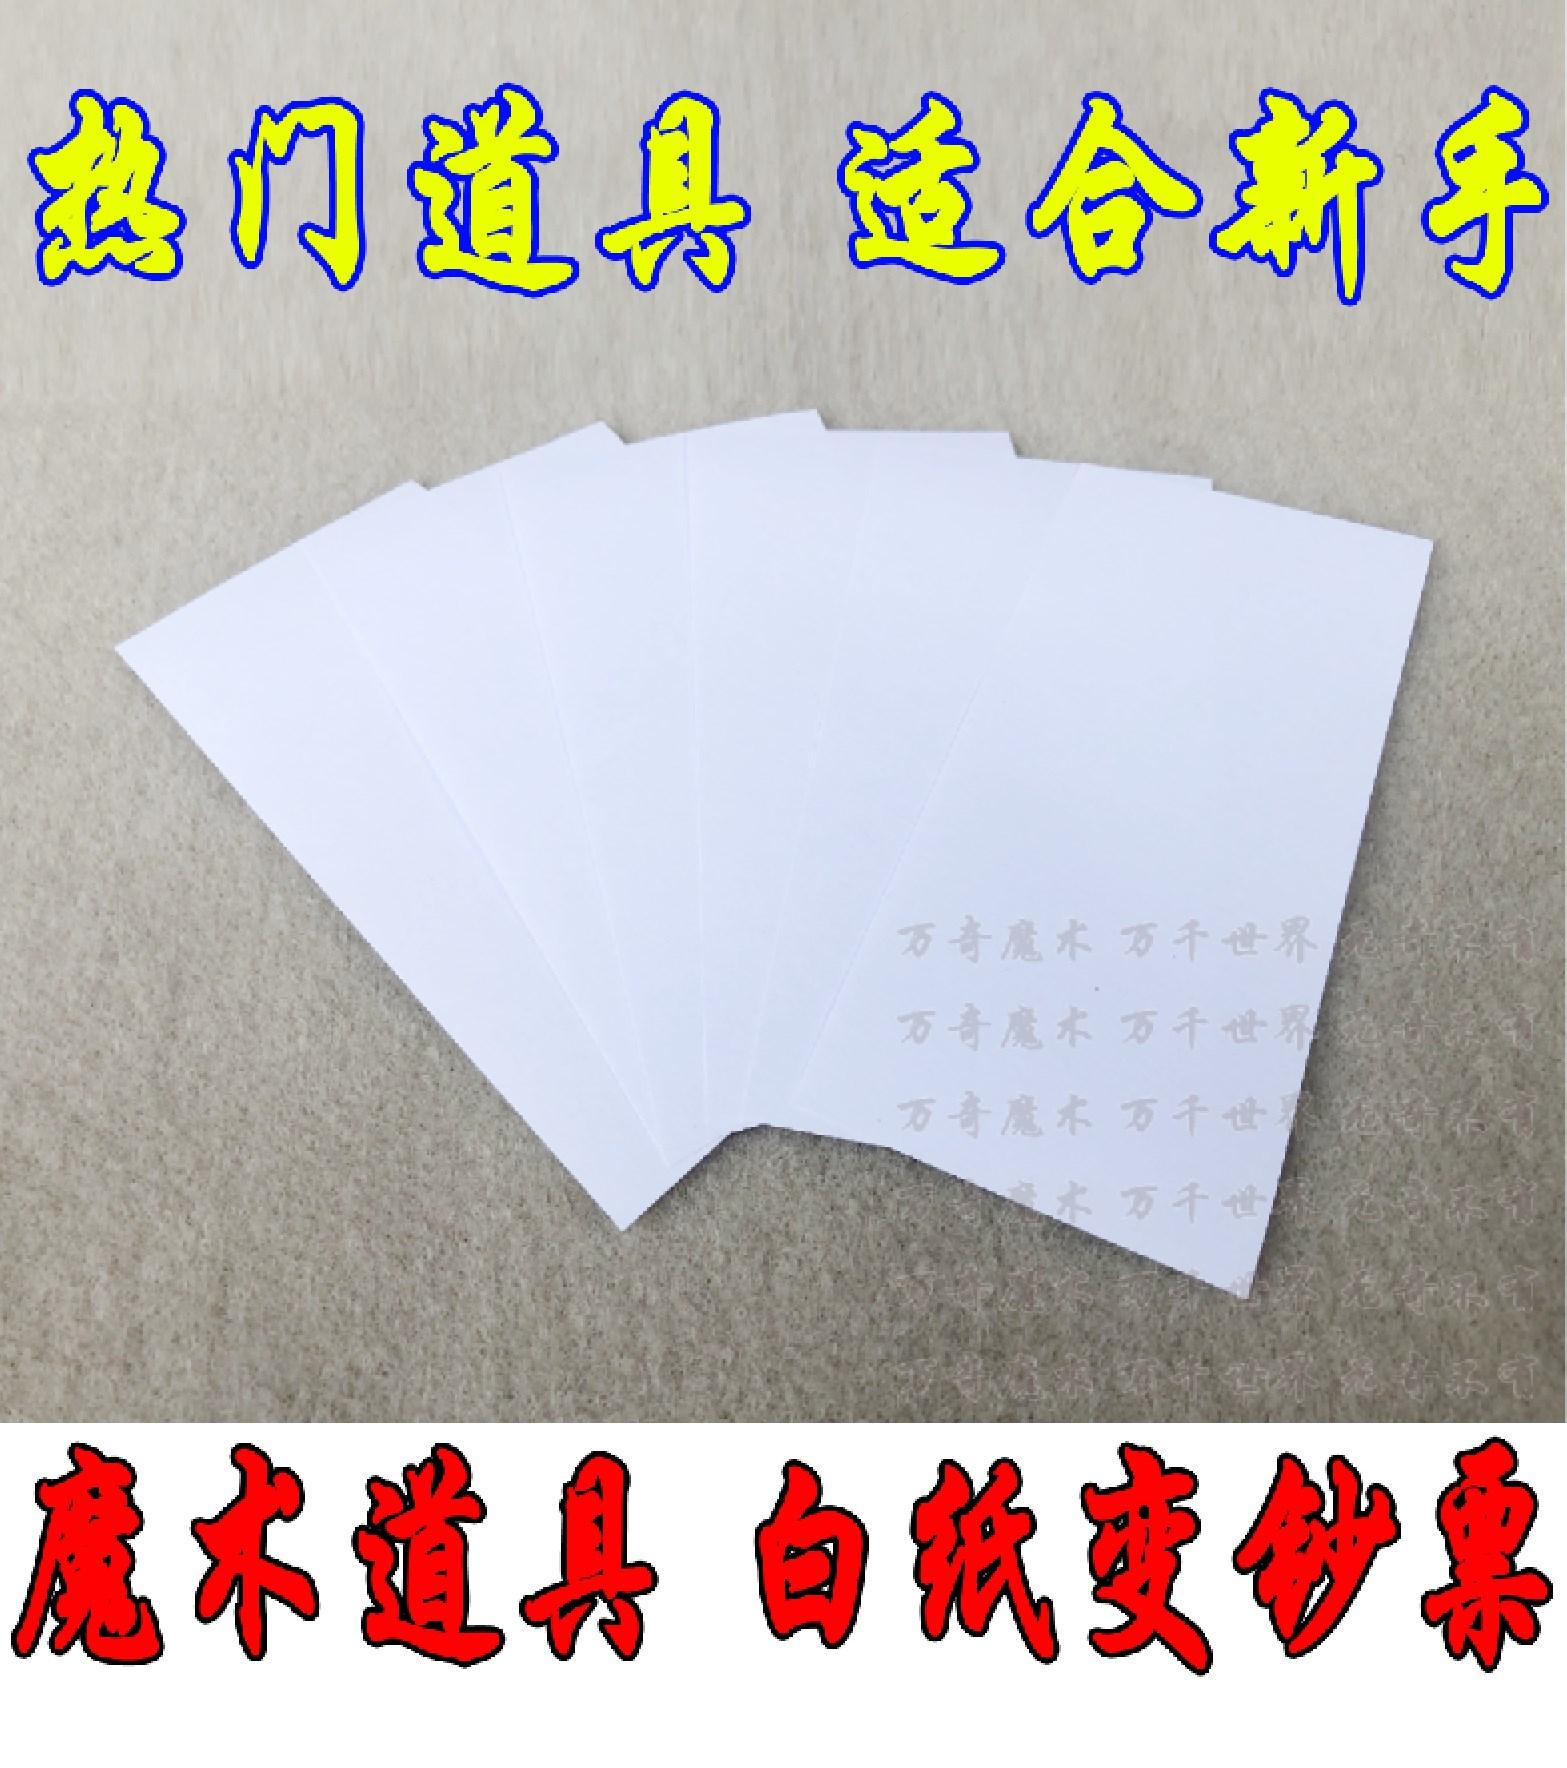 。白纸变钞票包邮万奇魔术道具六张白纸变六百热门新手街头魔术道